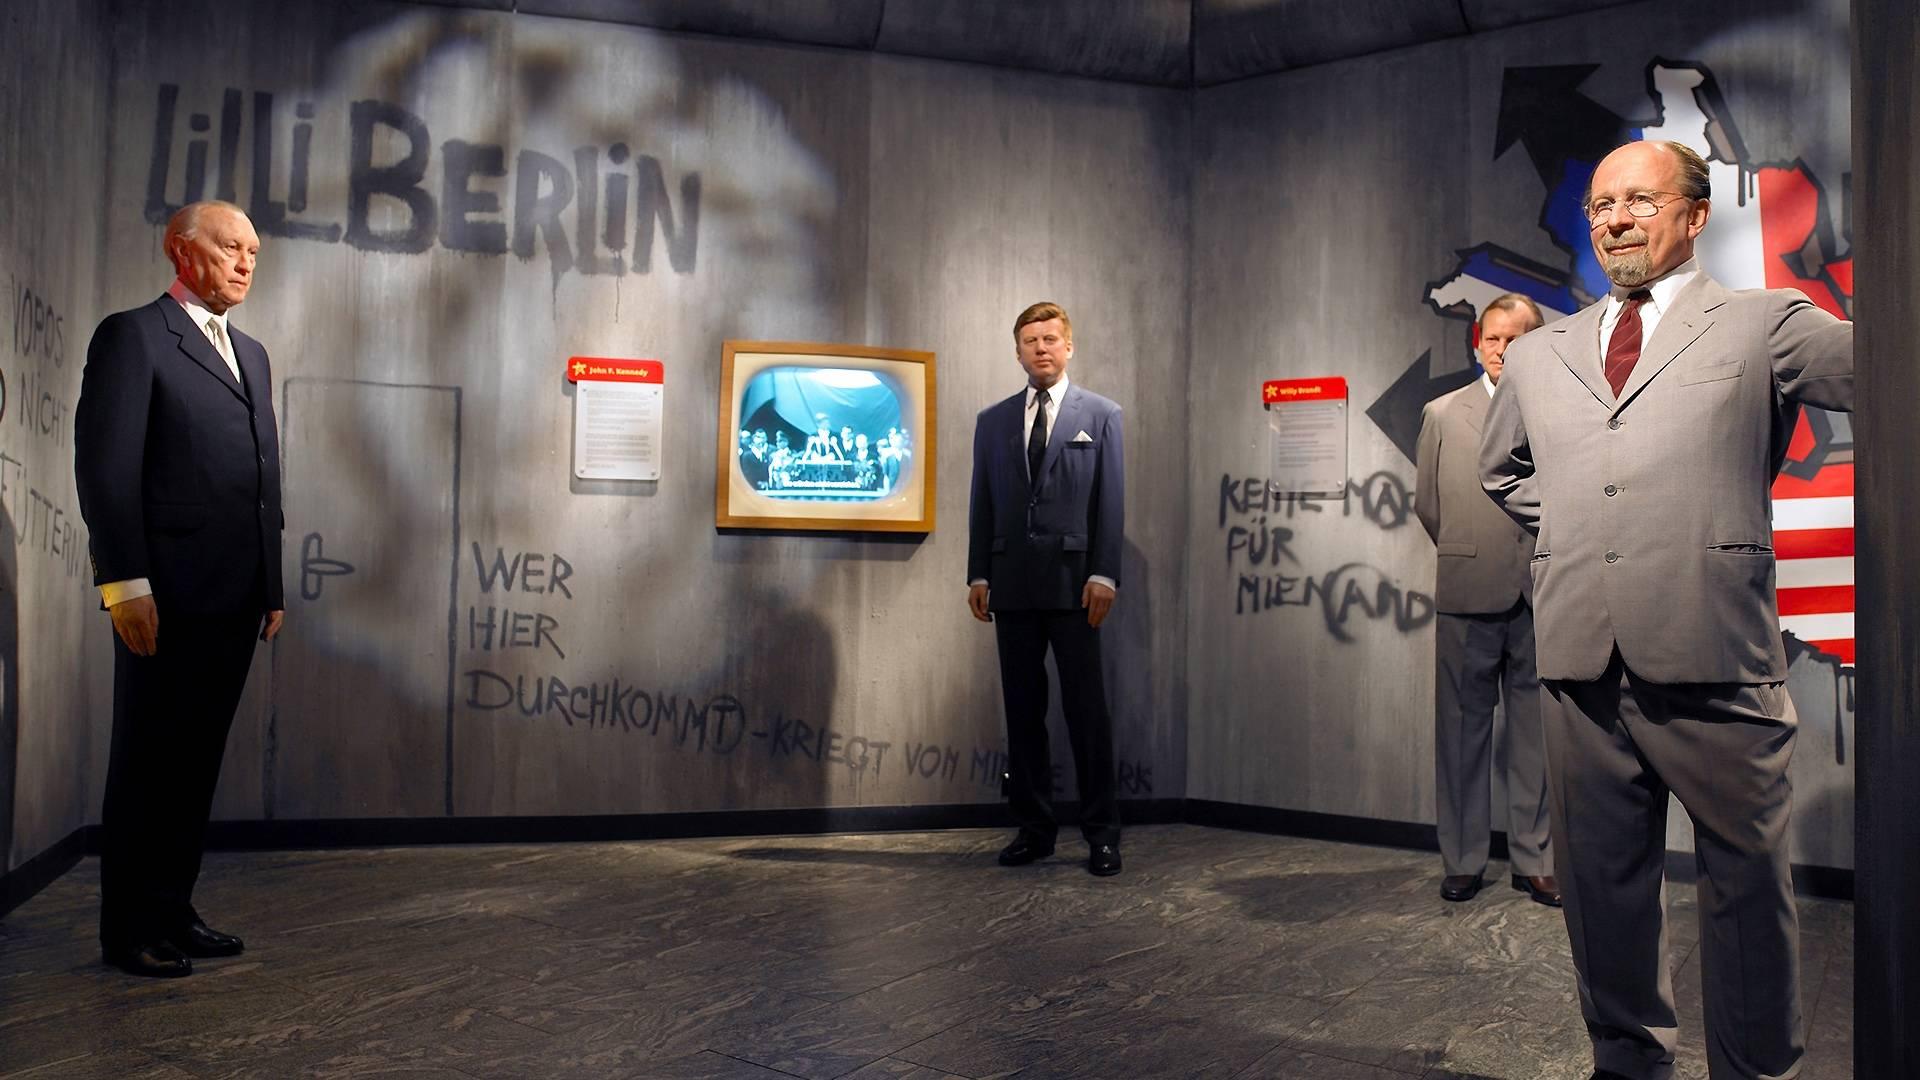 Музей мадам тюссо в берлине - фото, описание, адрес, цены на билеты 2021, время работы